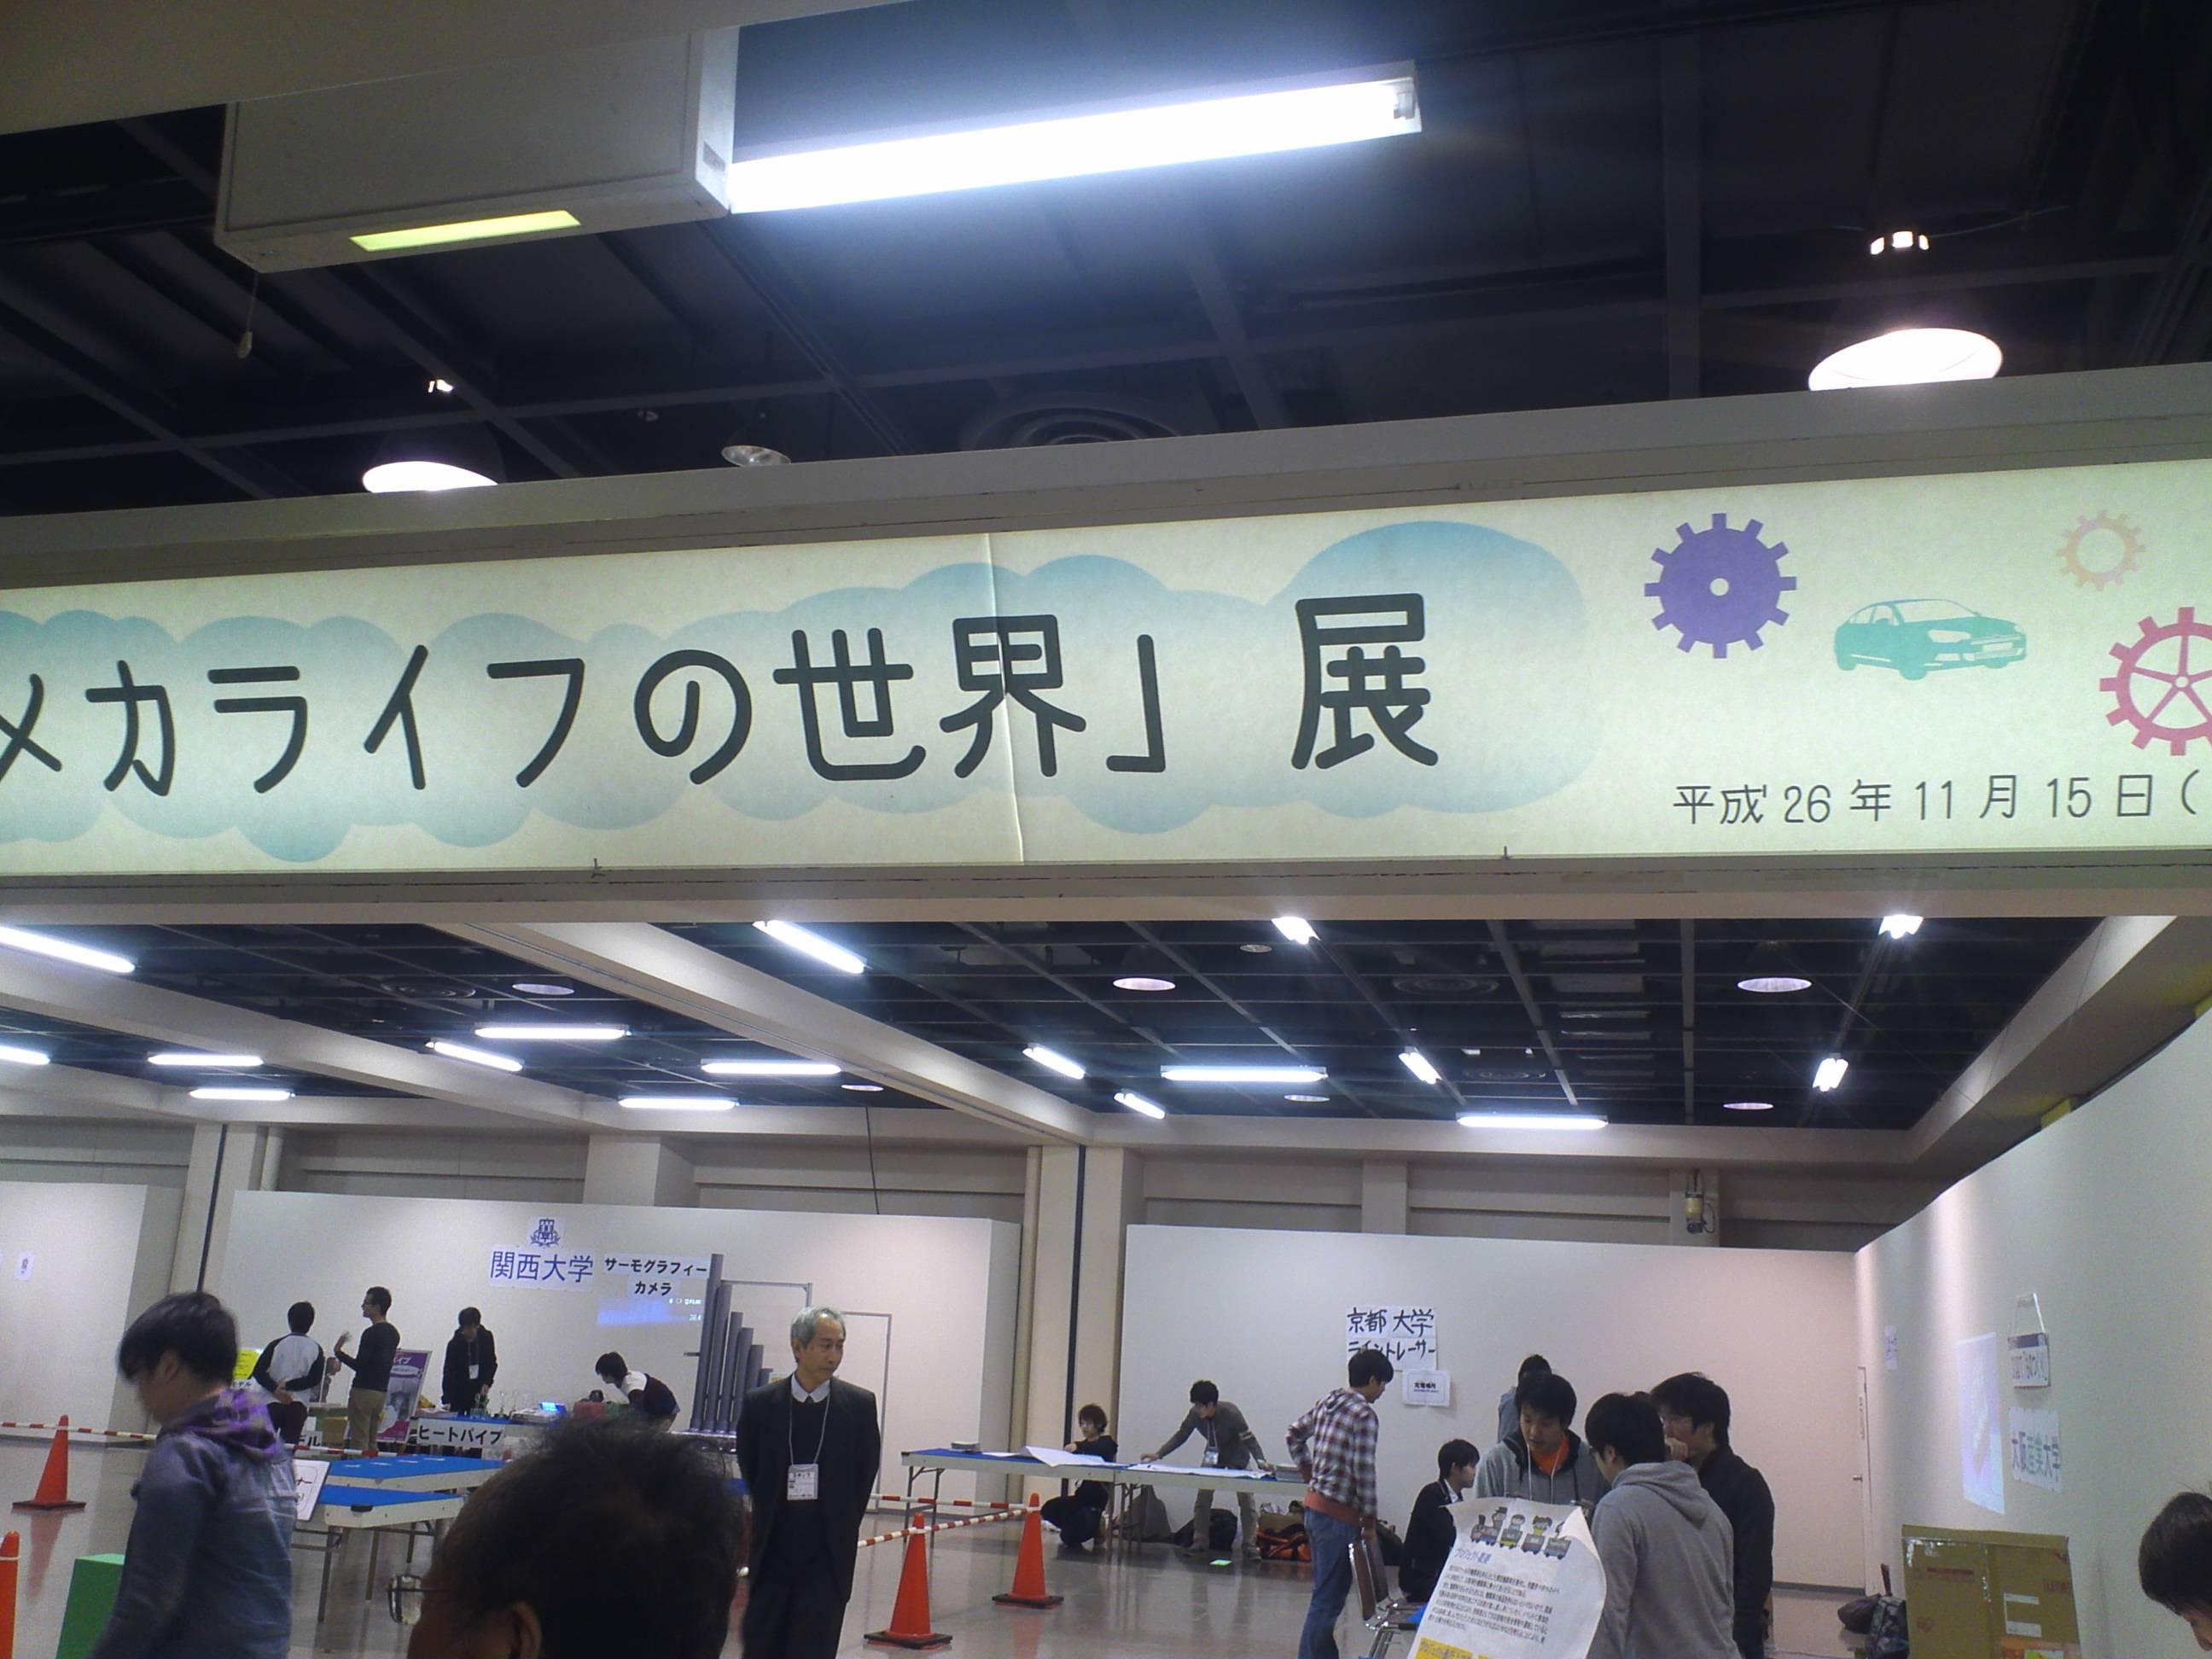 メカライフの世界展 2015